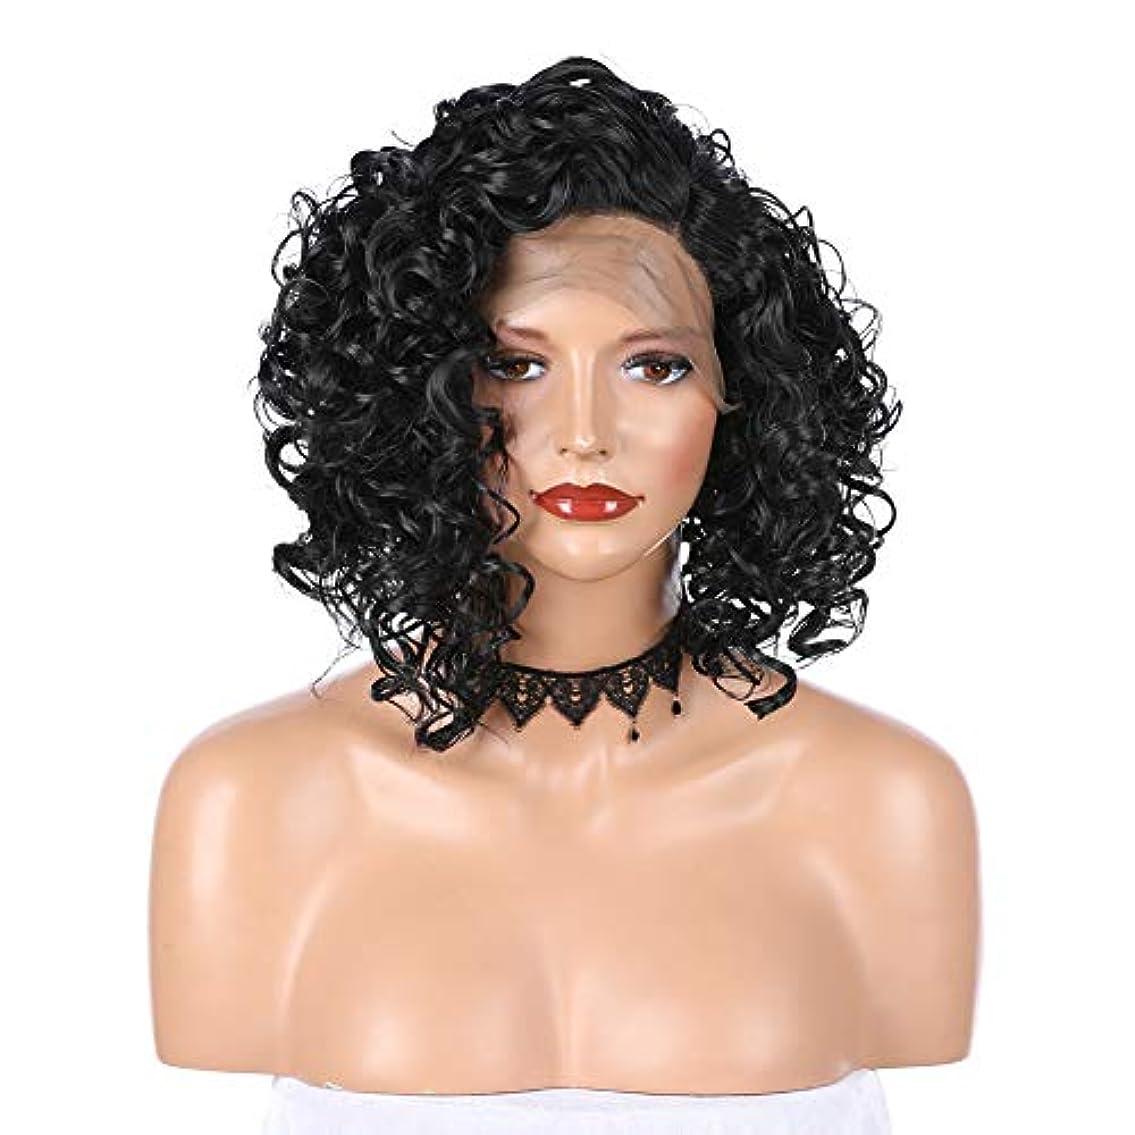 兄章賢いslQinjiansav女性ウィッグヘッドバンドフロントレースブラジルショートカーリーブラックウィッグ女性ナチュラルパーティー合成髪